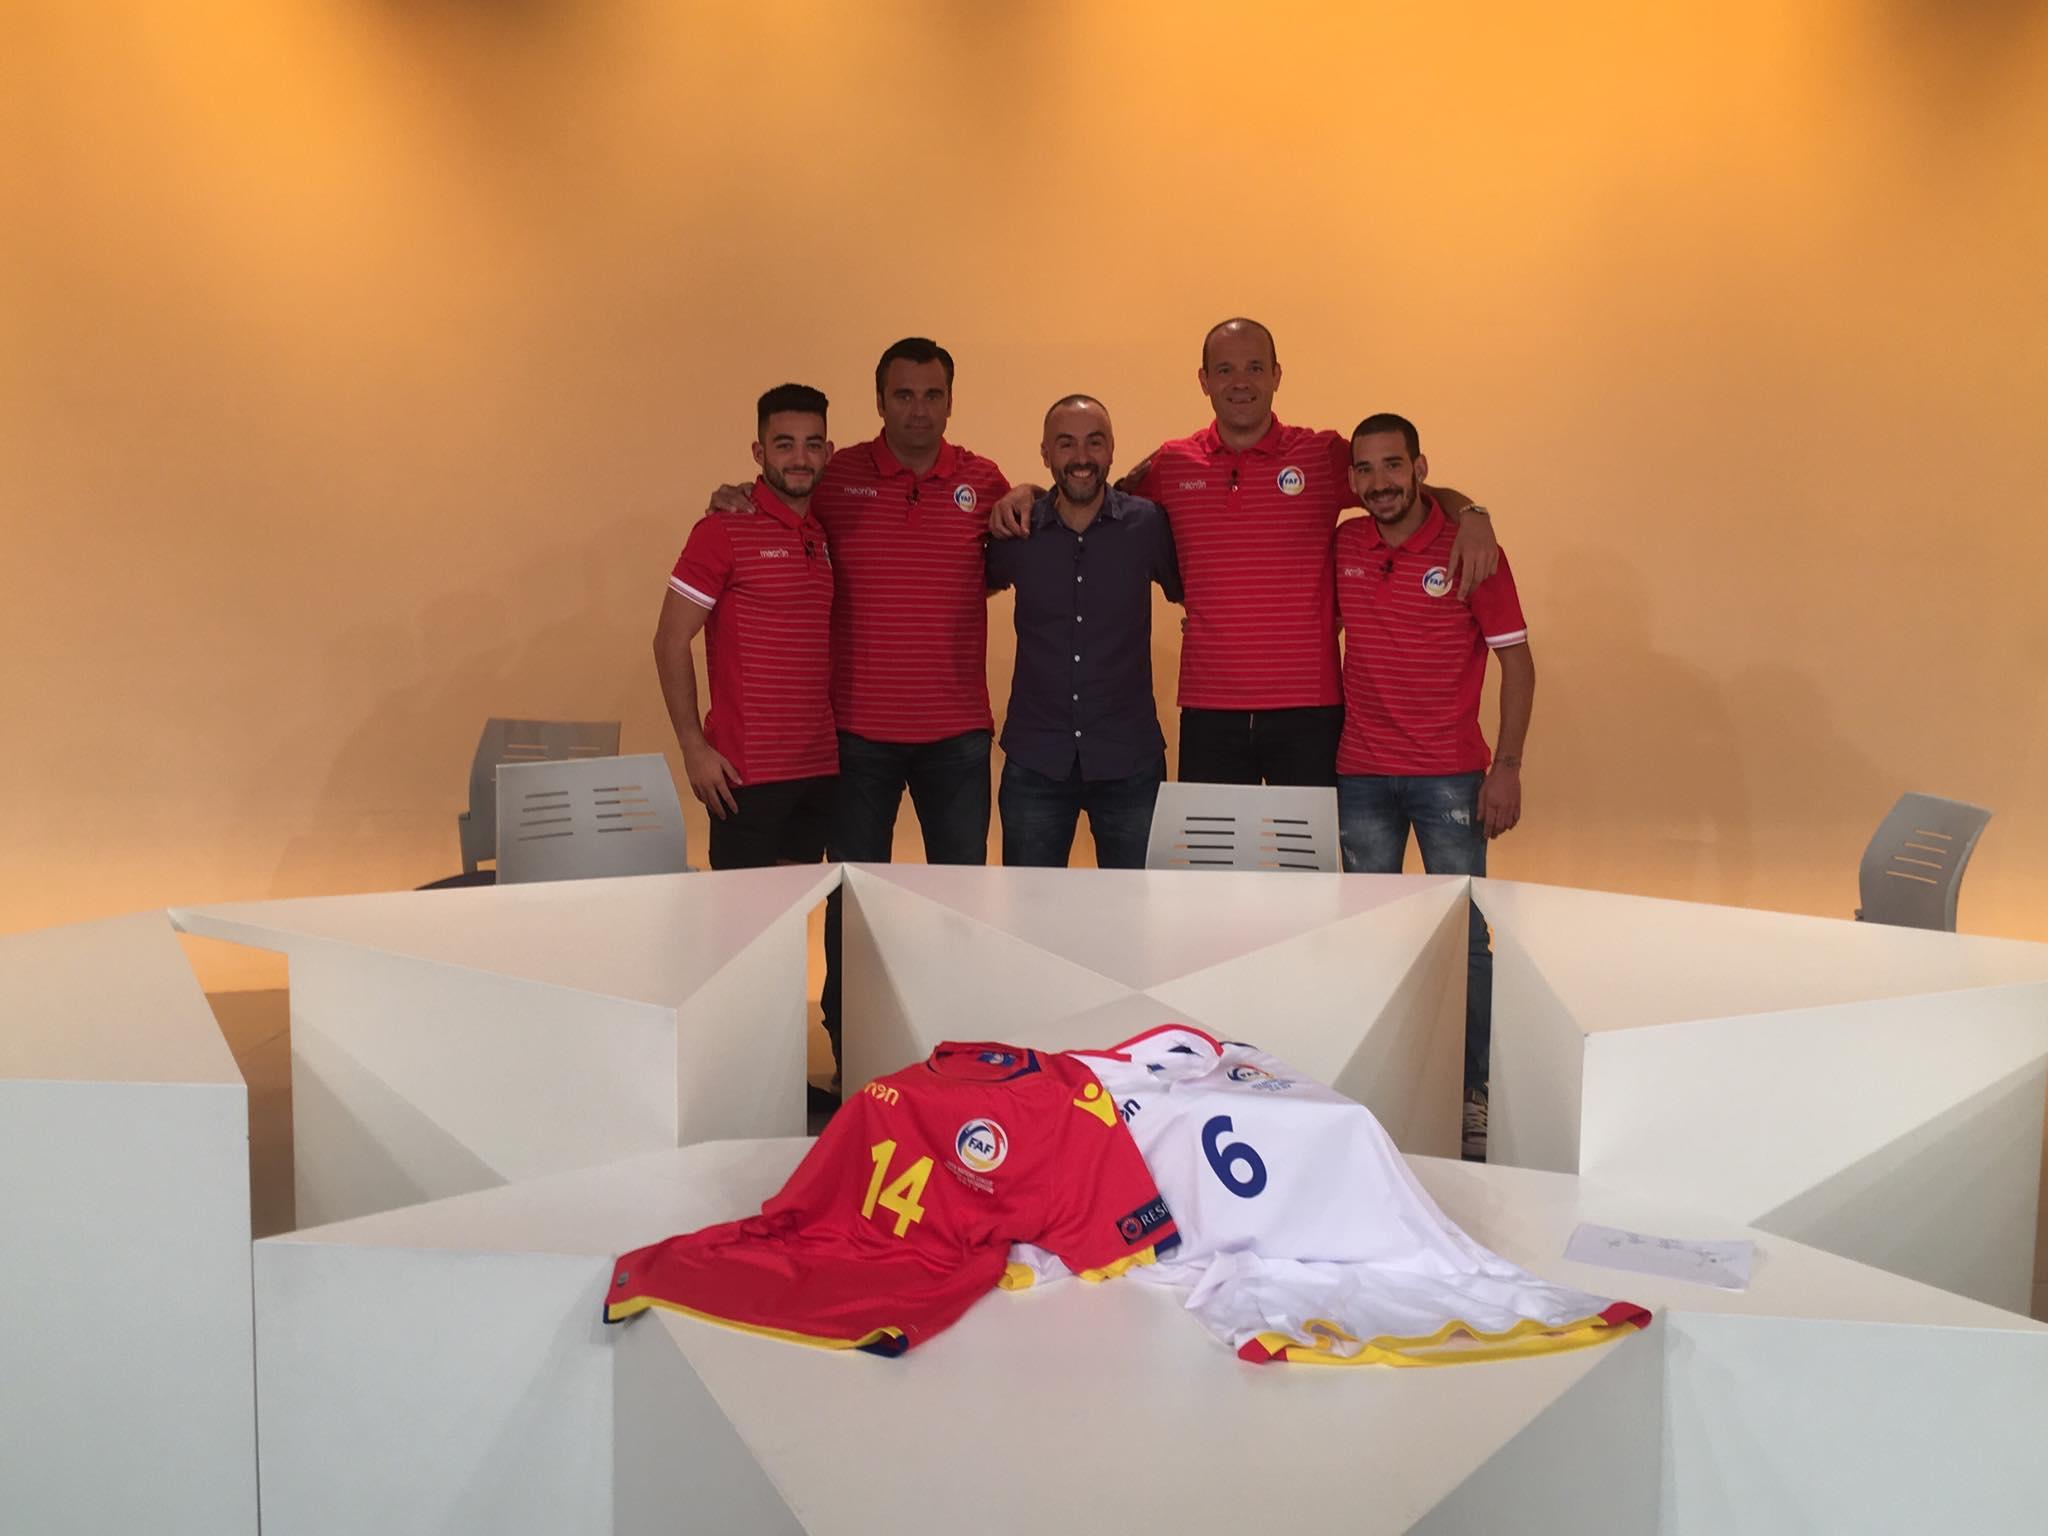 Dia E 2a Part - Taula rodona amb la selecció de futbol